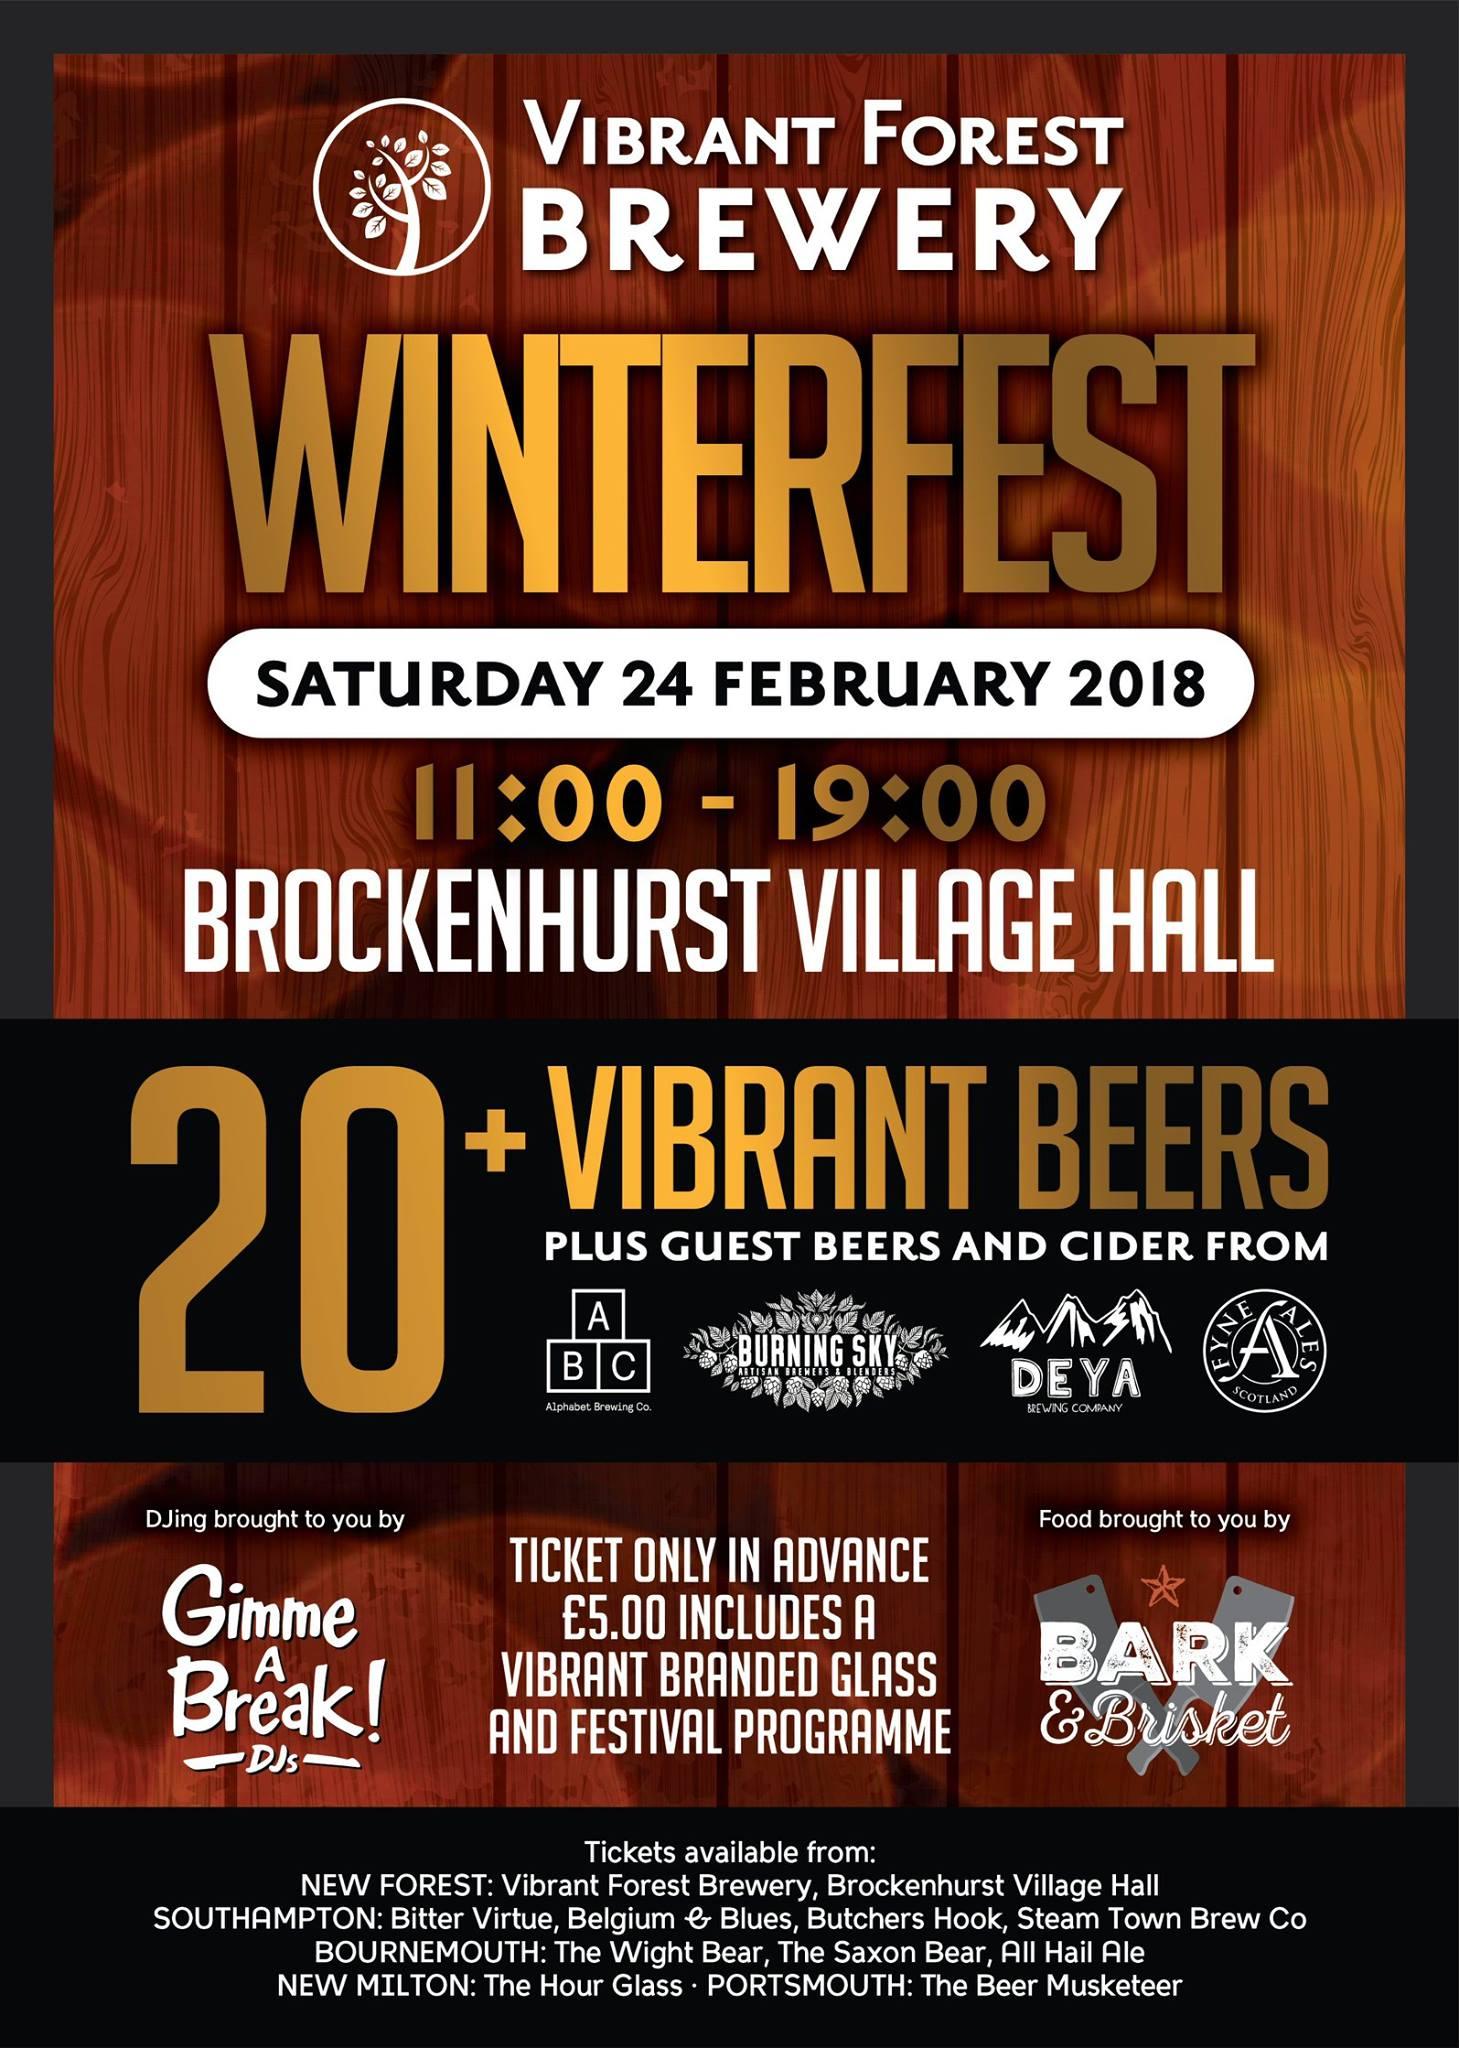 WinterBeerfest.jpg